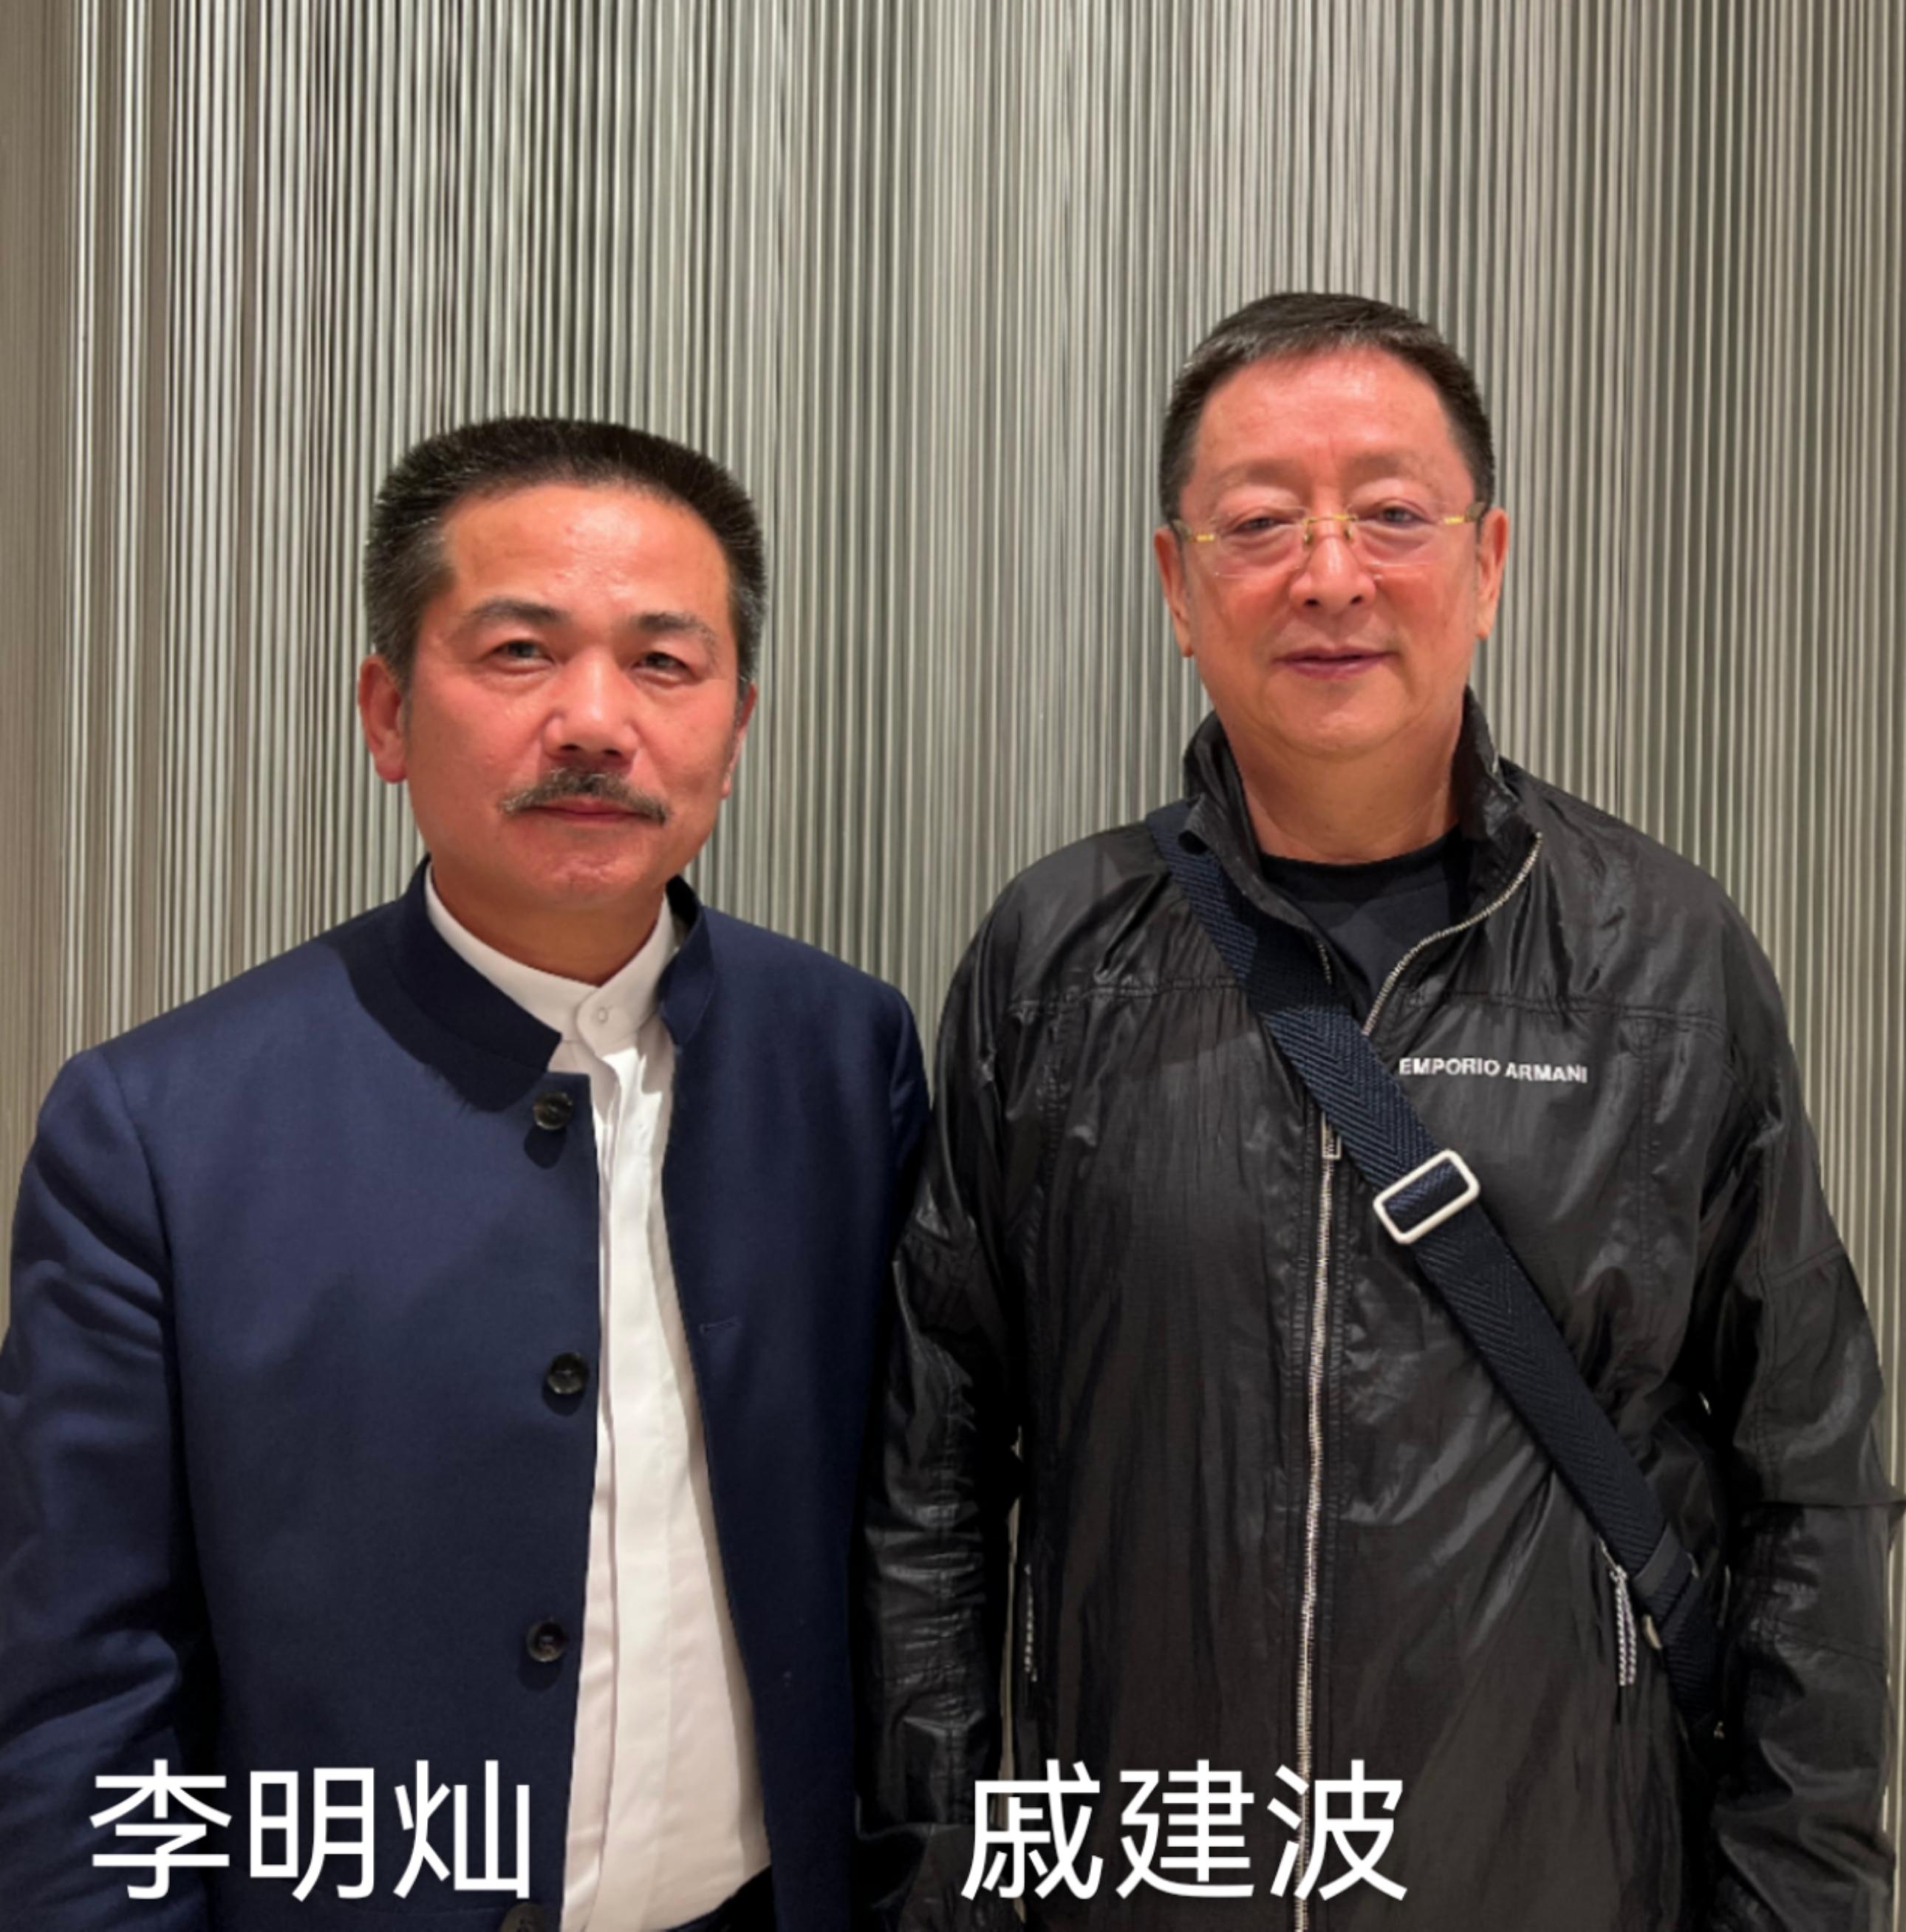 《天下闽商》曲作者戚建波与李明灿、李丹阳成都相会图3